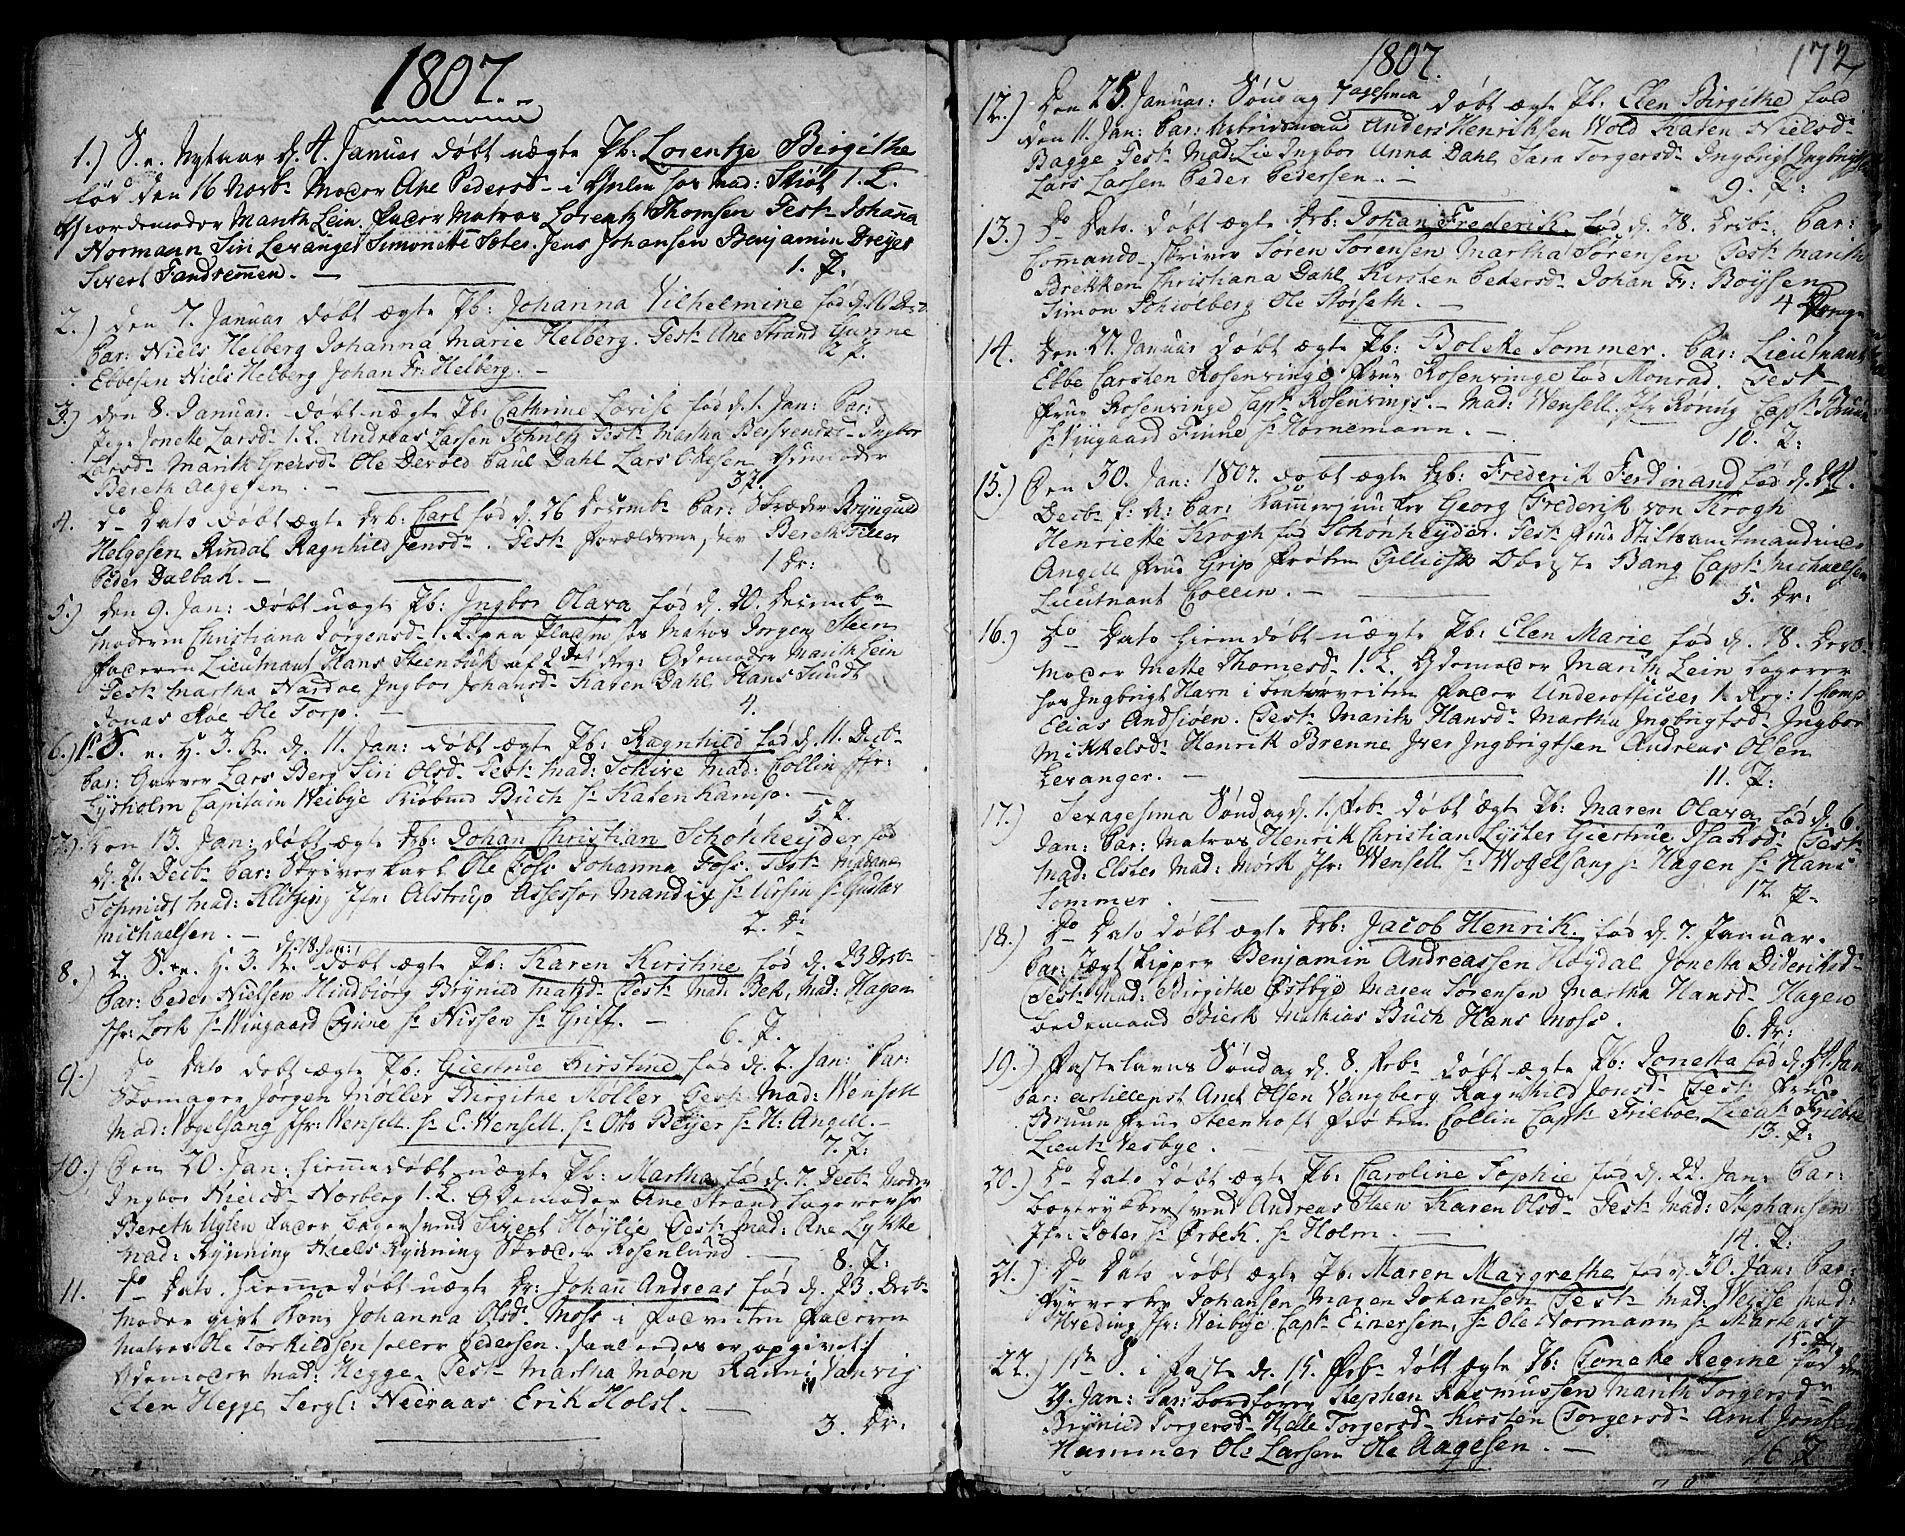 SAT, Ministerialprotokoller, klokkerbøker og fødselsregistre - Sør-Trøndelag, 601/L0039: Ministerialbok nr. 601A07, 1770-1819, s. 172